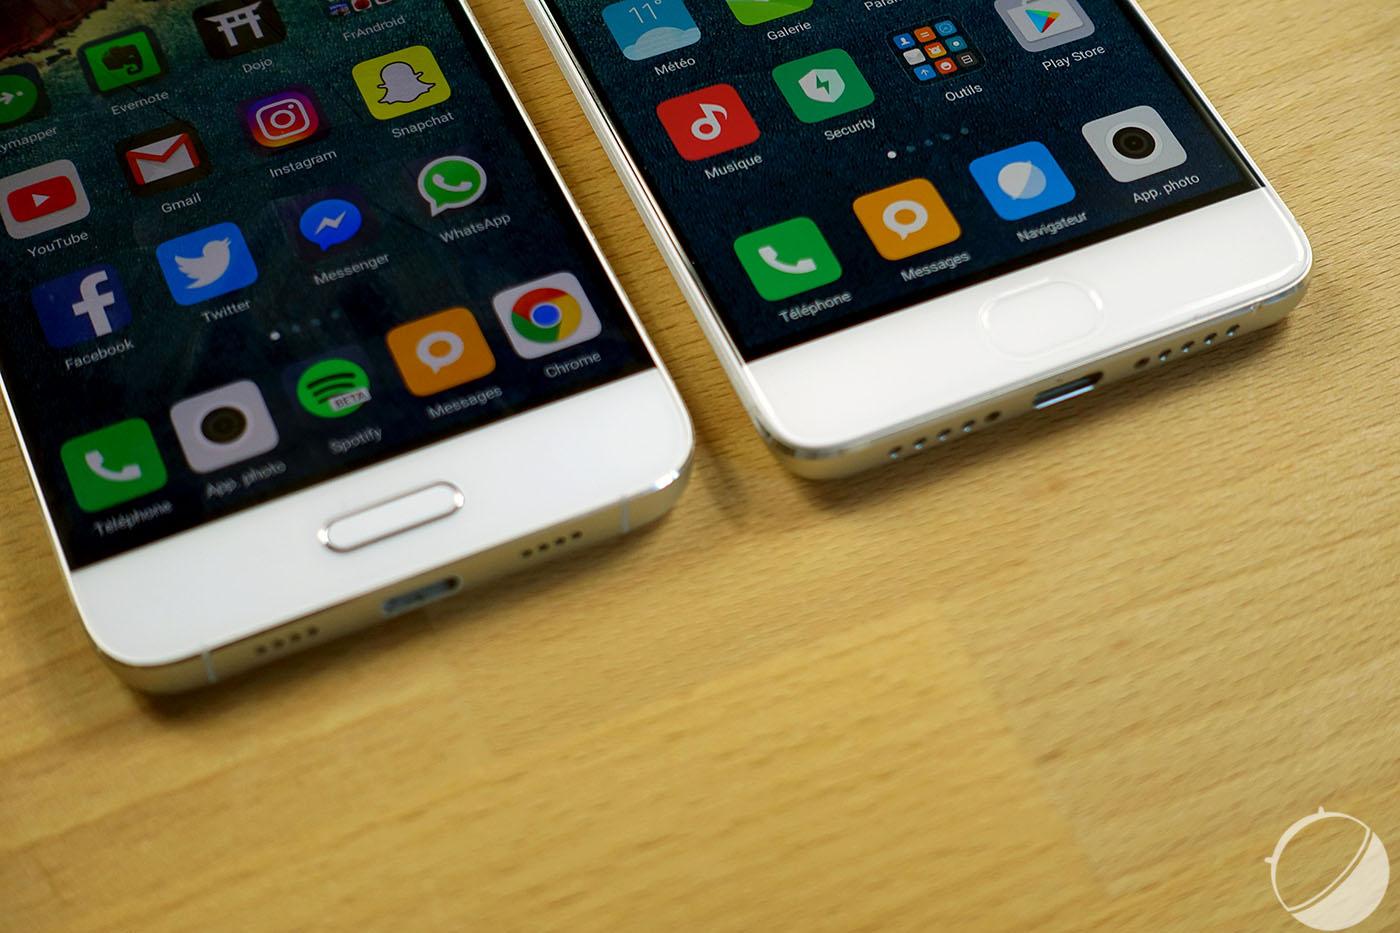 Les caractéristiques du Xiaomi Mi 5C dévoilées par erreur sur un marchand en ligne